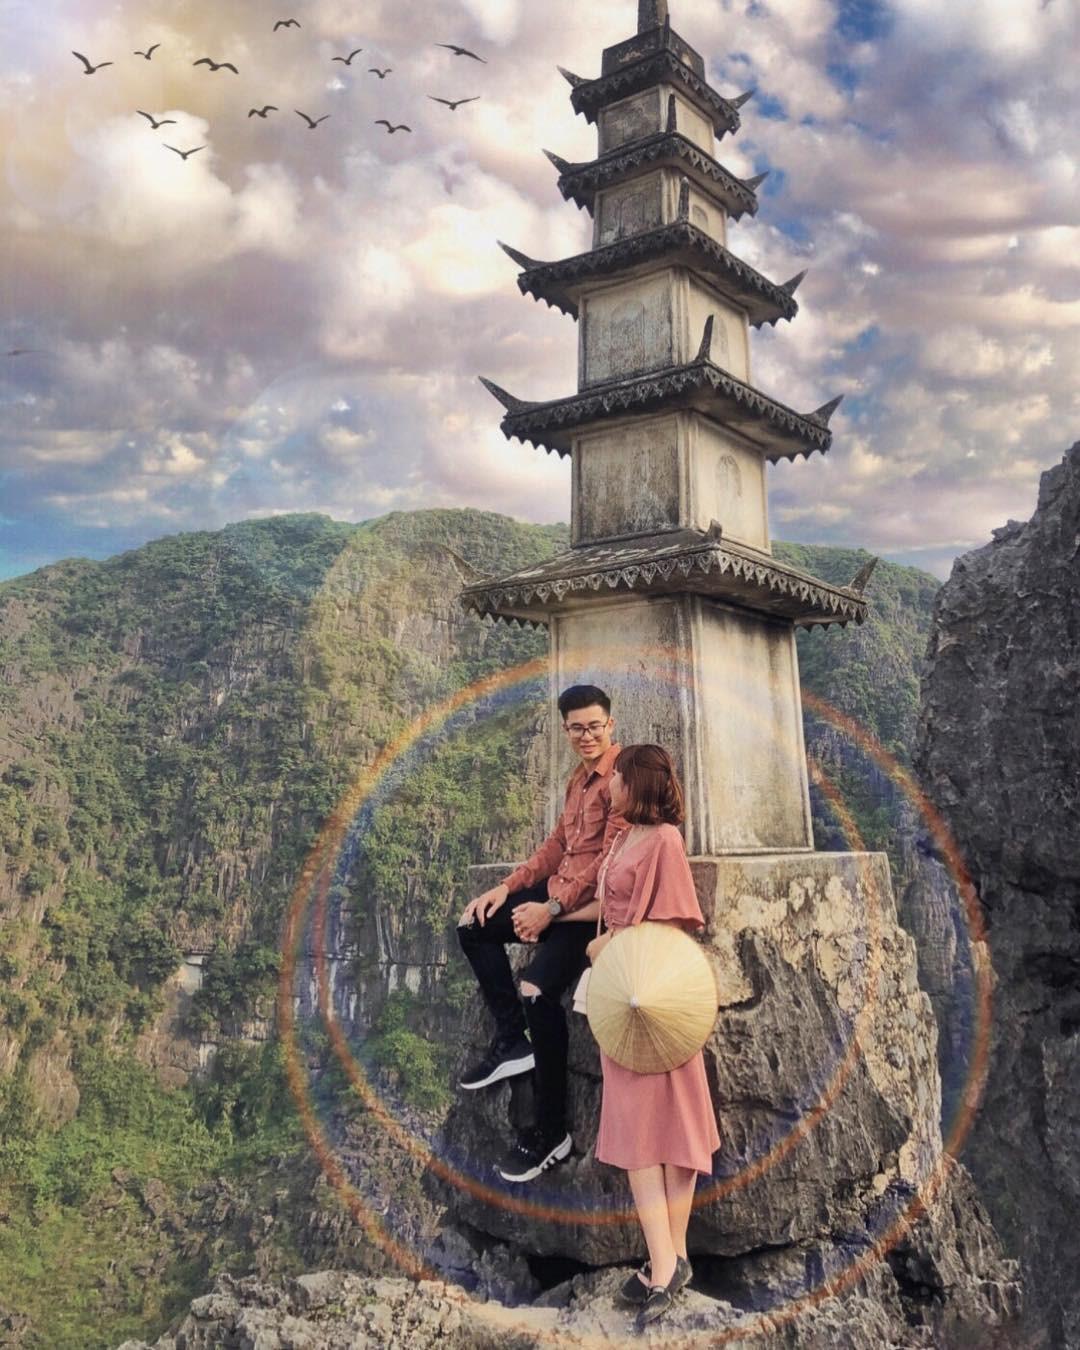 Hang Múa mờ ảo, khác biệt trong ảnh chỉnh sửa của giới trẻ Việt Ảnh 16